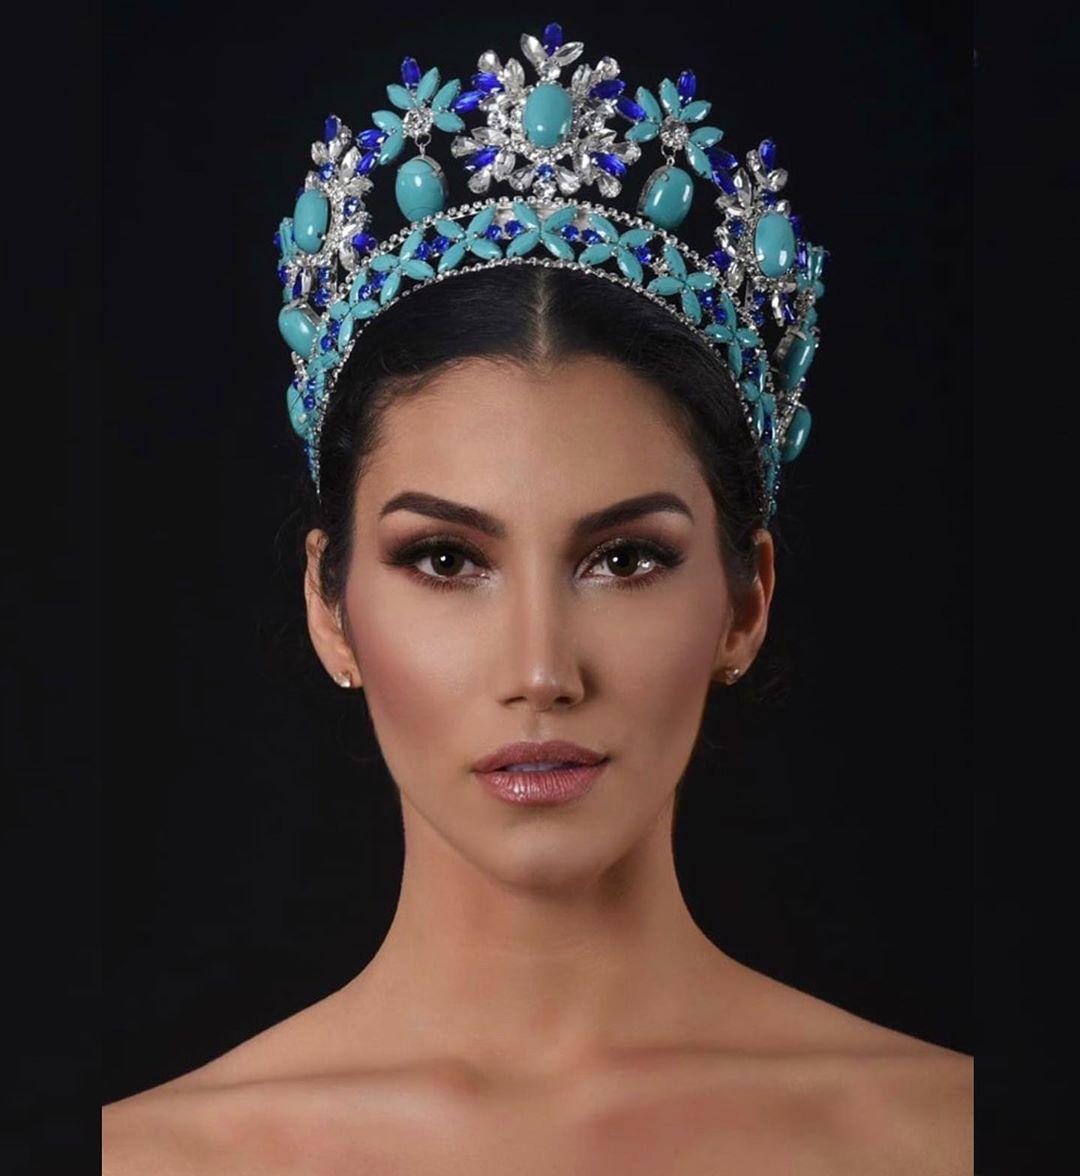 georgina vargas, candidata a miss mexico 2020, representando coahuila. 98268510